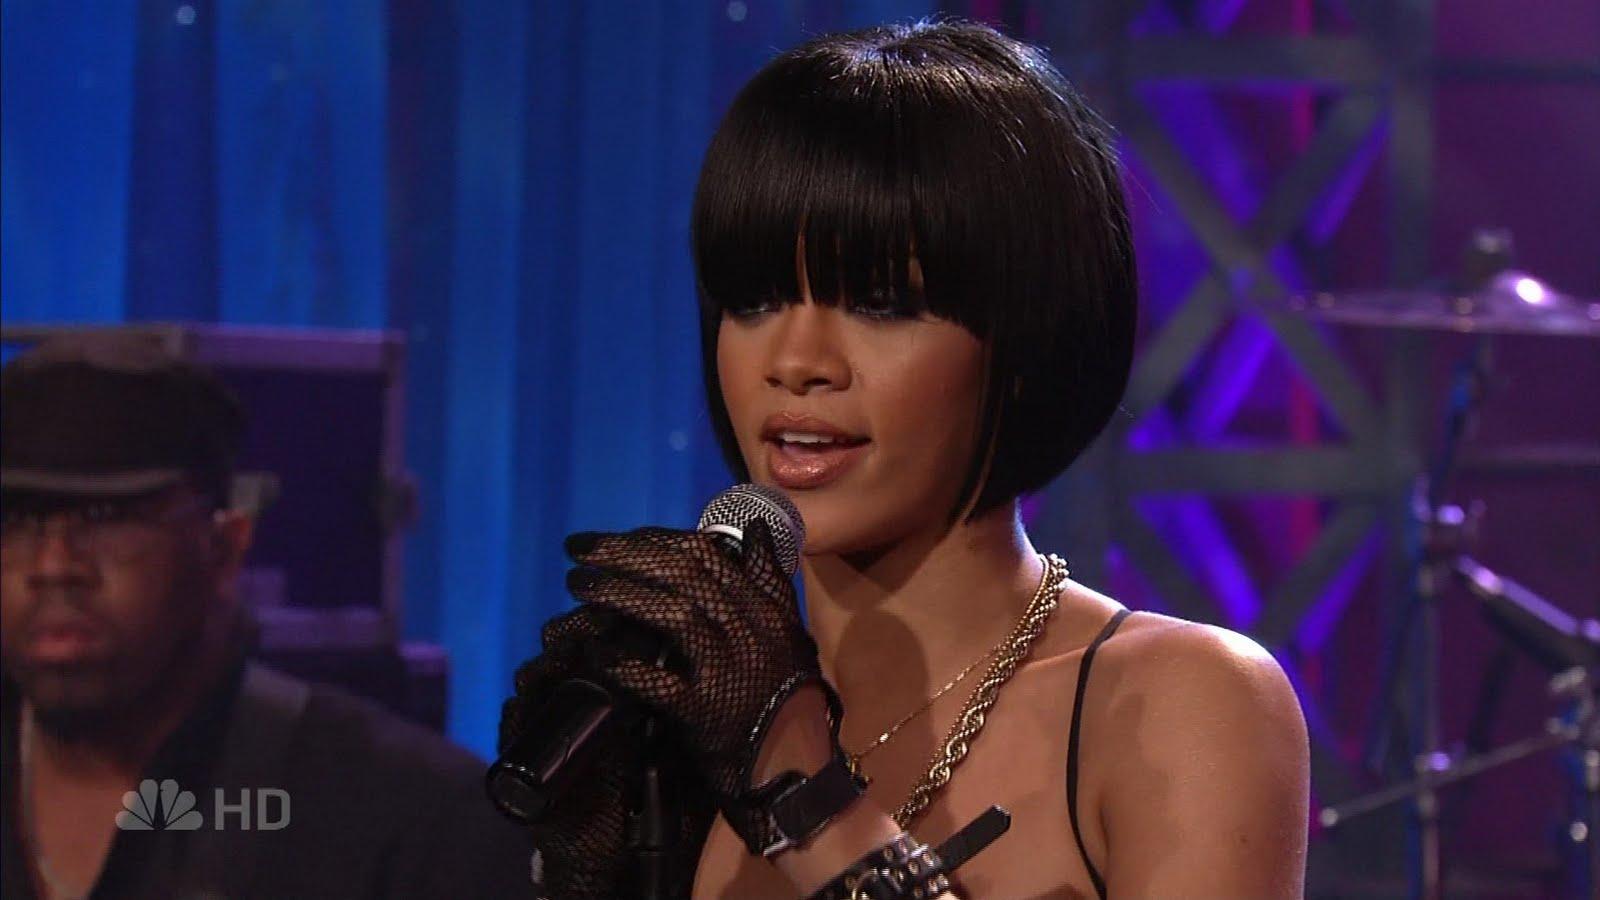 http://3.bp.blogspot.com/-1pMV1EDrbZ4/Tj8jyVZw-SI/AAAAAAAAHOA/OBk6CuDhtos/s1600/Rihanna+-+Umbrella+%255BLive%255D+%2528Lyrics+Video%2529.jpg